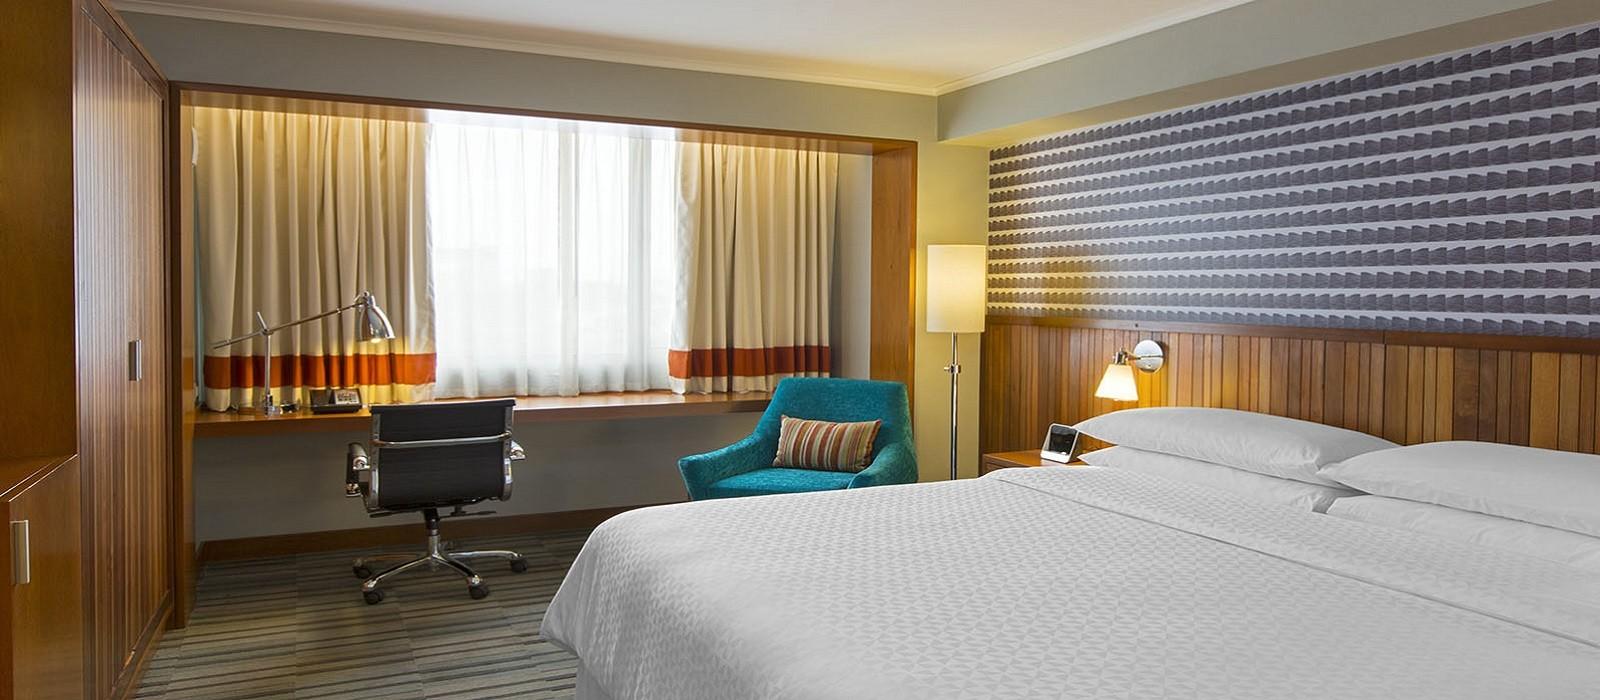 Hotel Das Four Points by Sheraton Miraflores Peru